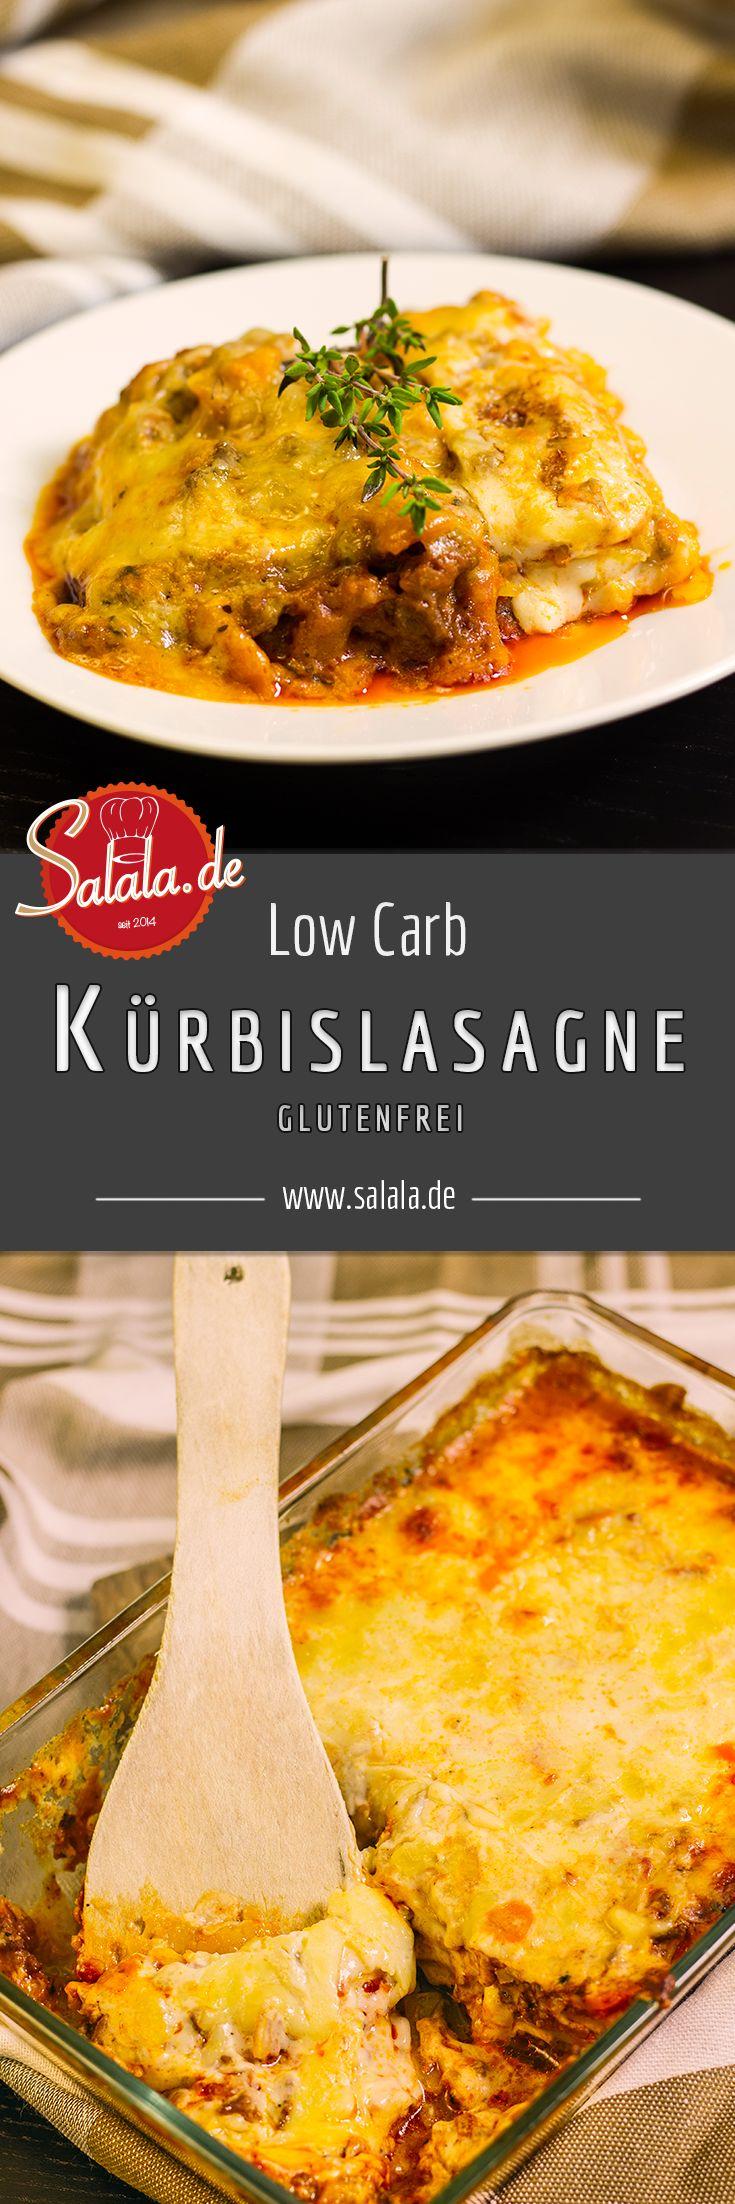 Einfache Kürbislasagne mit Low Carb Bechamelsauce und Kürbisplatten statt Nudeln. Lasagne mit sehr wenigen Kalorien und extrem befriedigend!